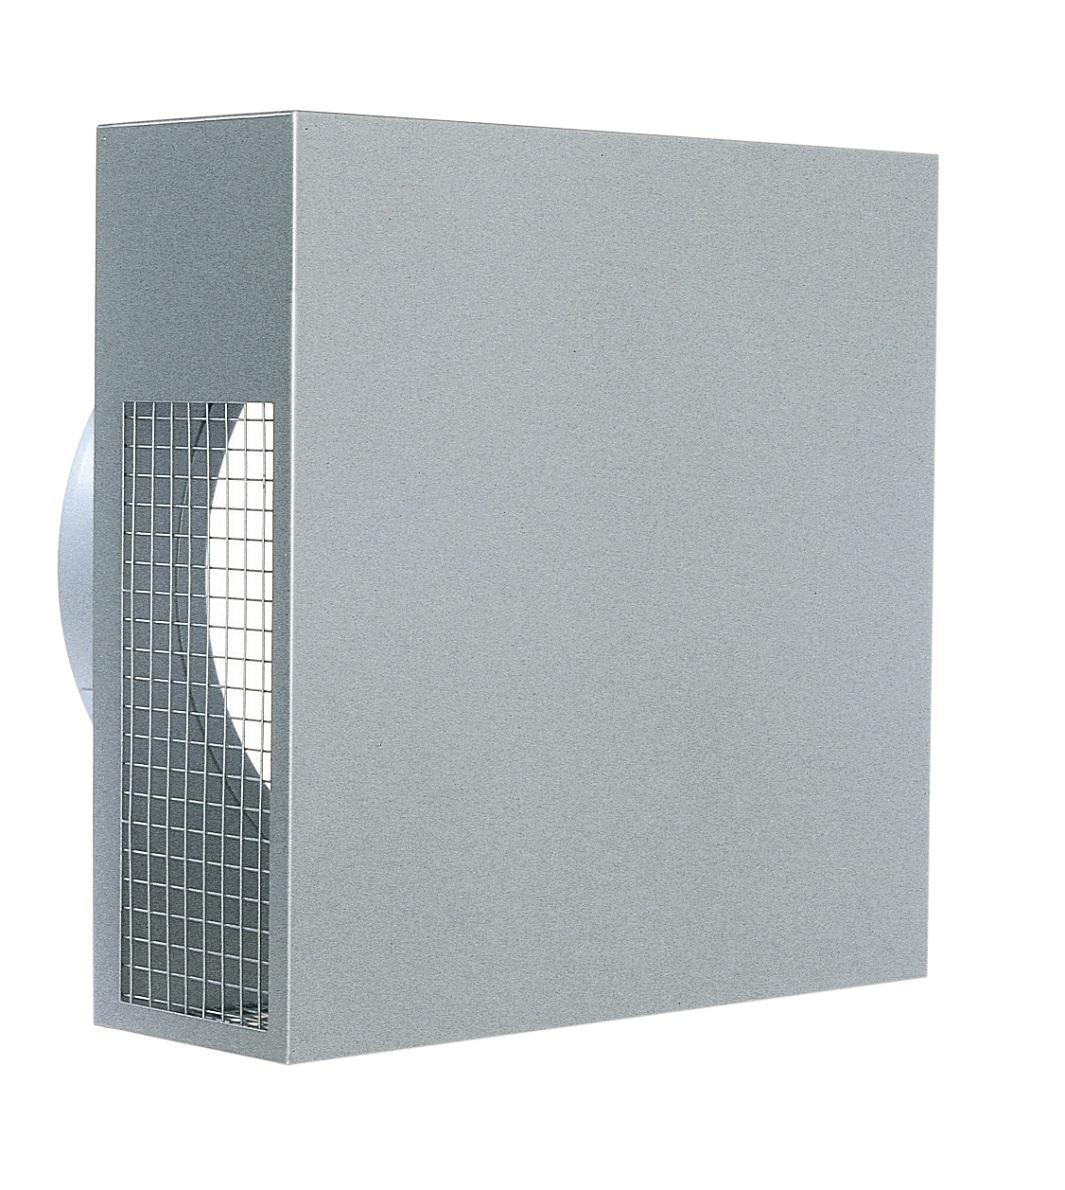 西邦工業 SEIHO KKNK125S-VP 外壁用ステンレス製換気口 (パイプフード) 金網型4メッシュ 低圧損